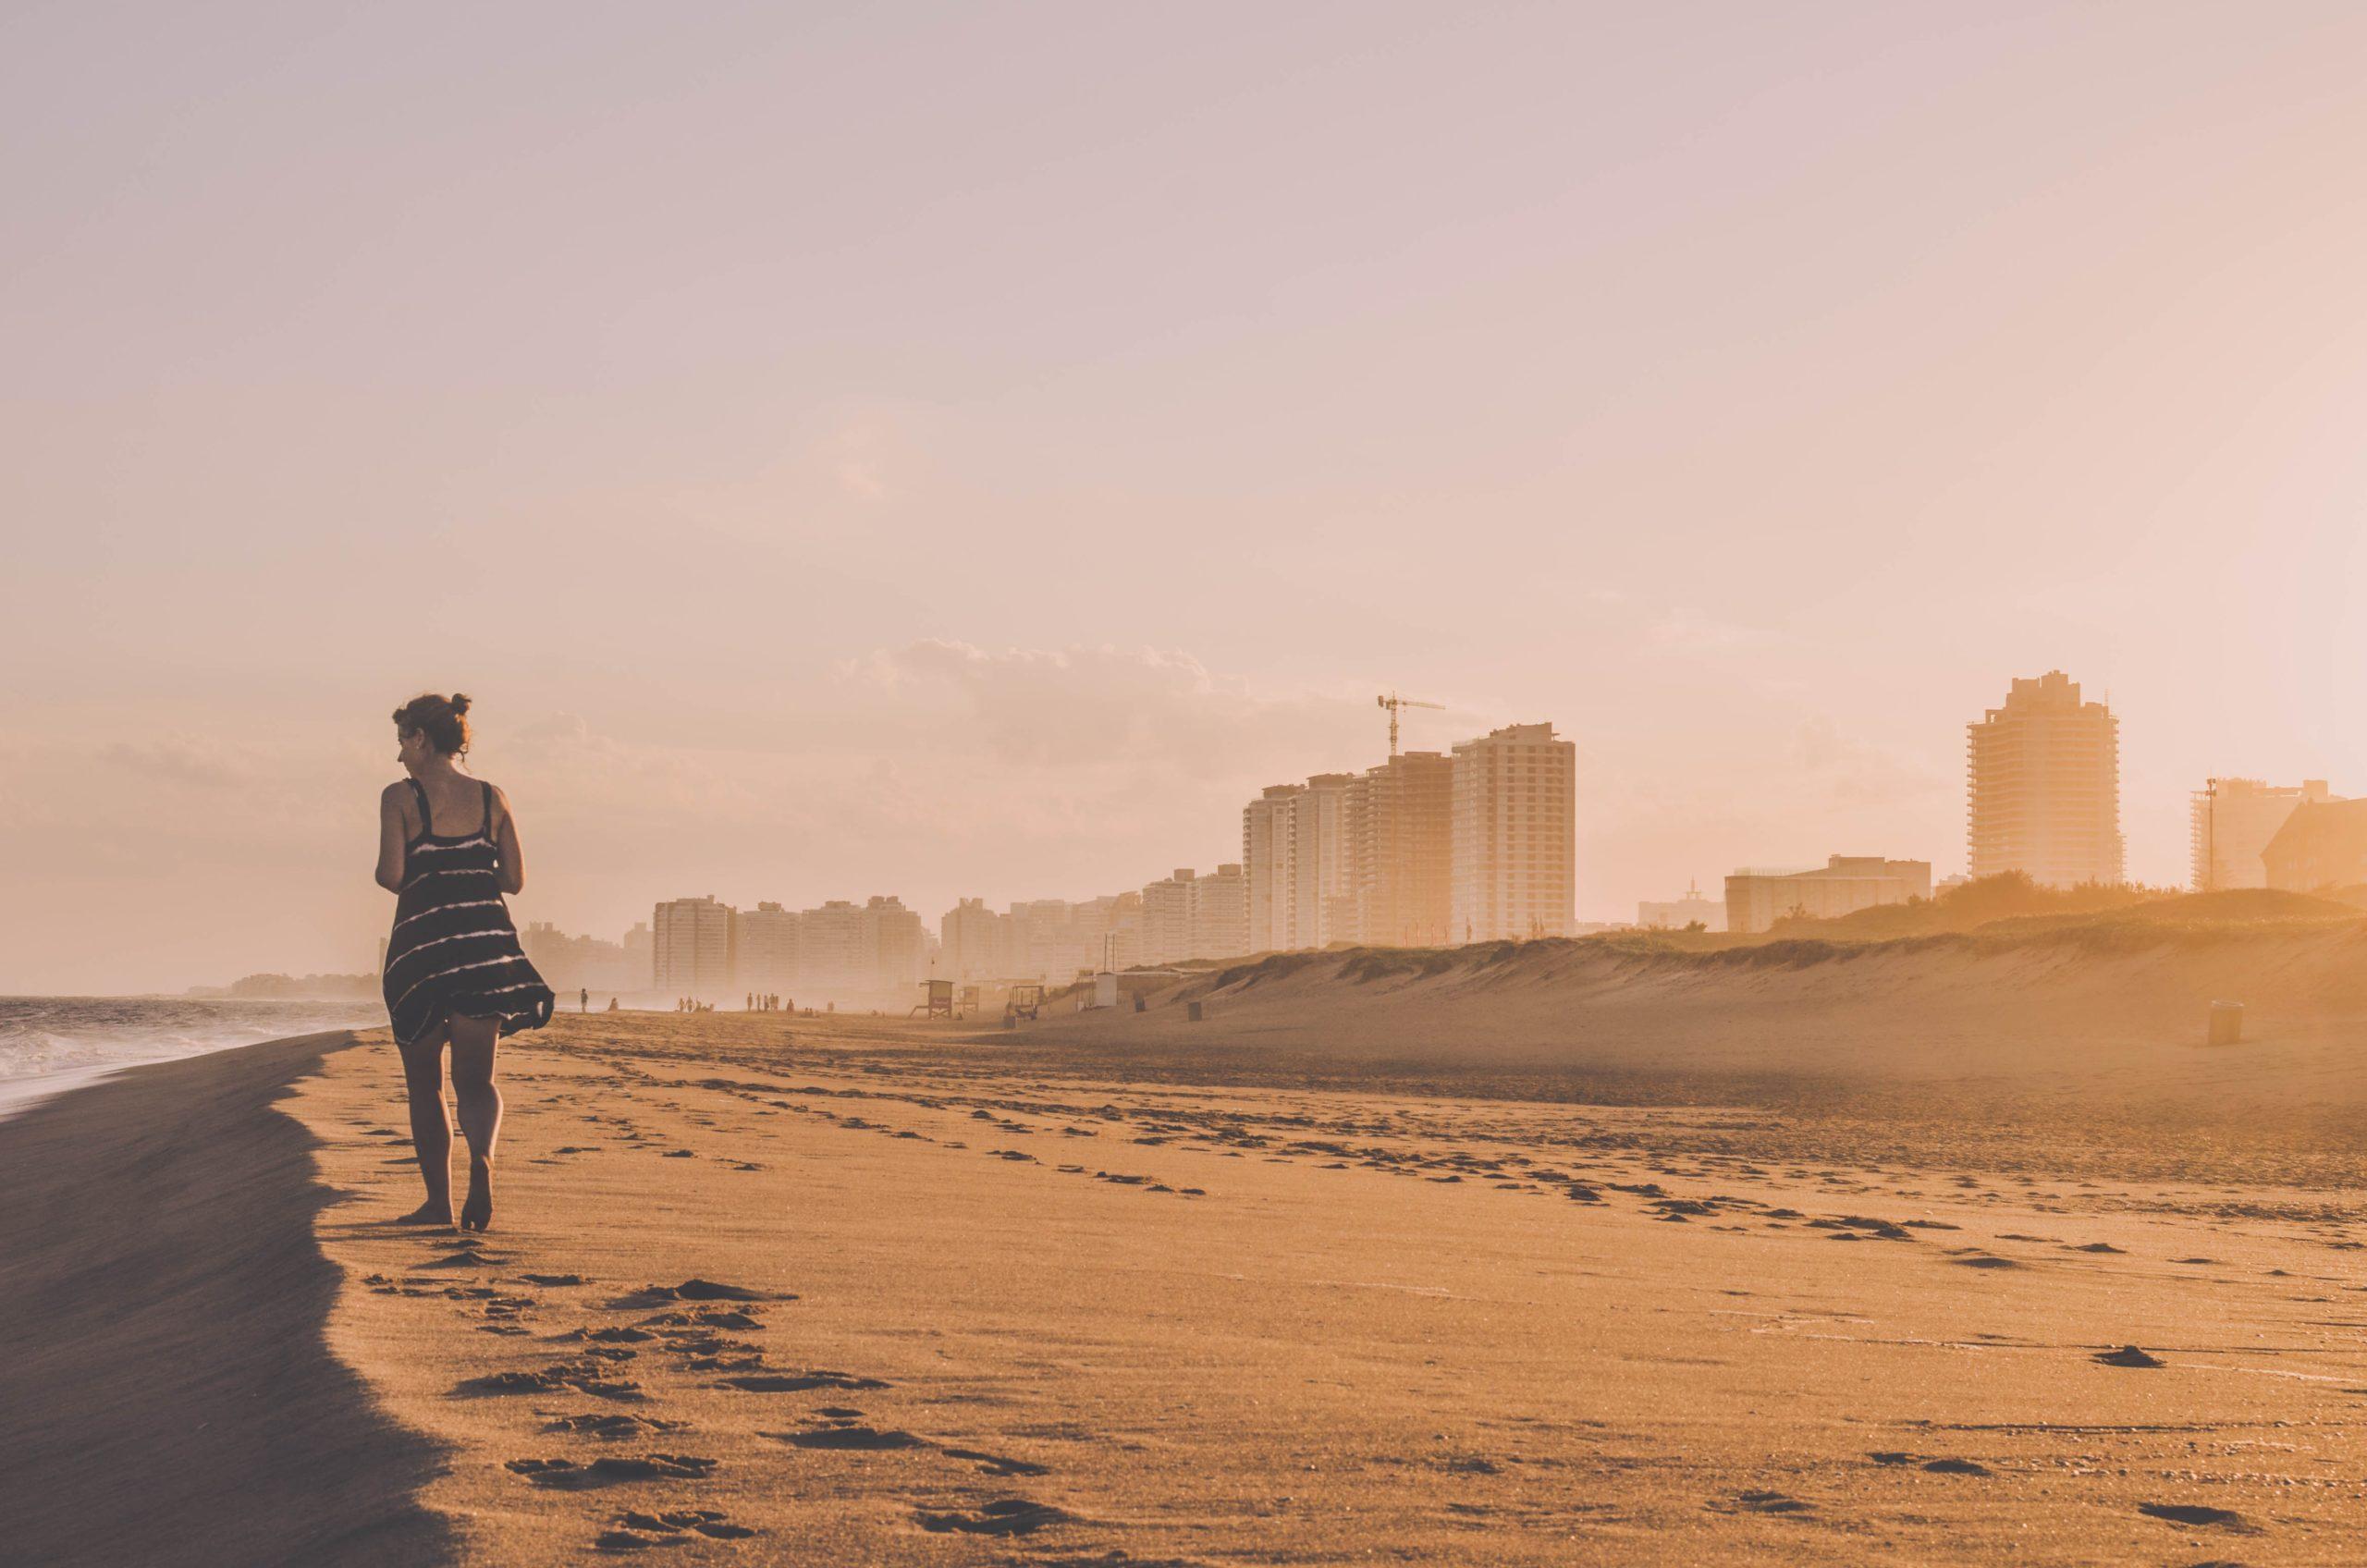 Uruguay punta del este